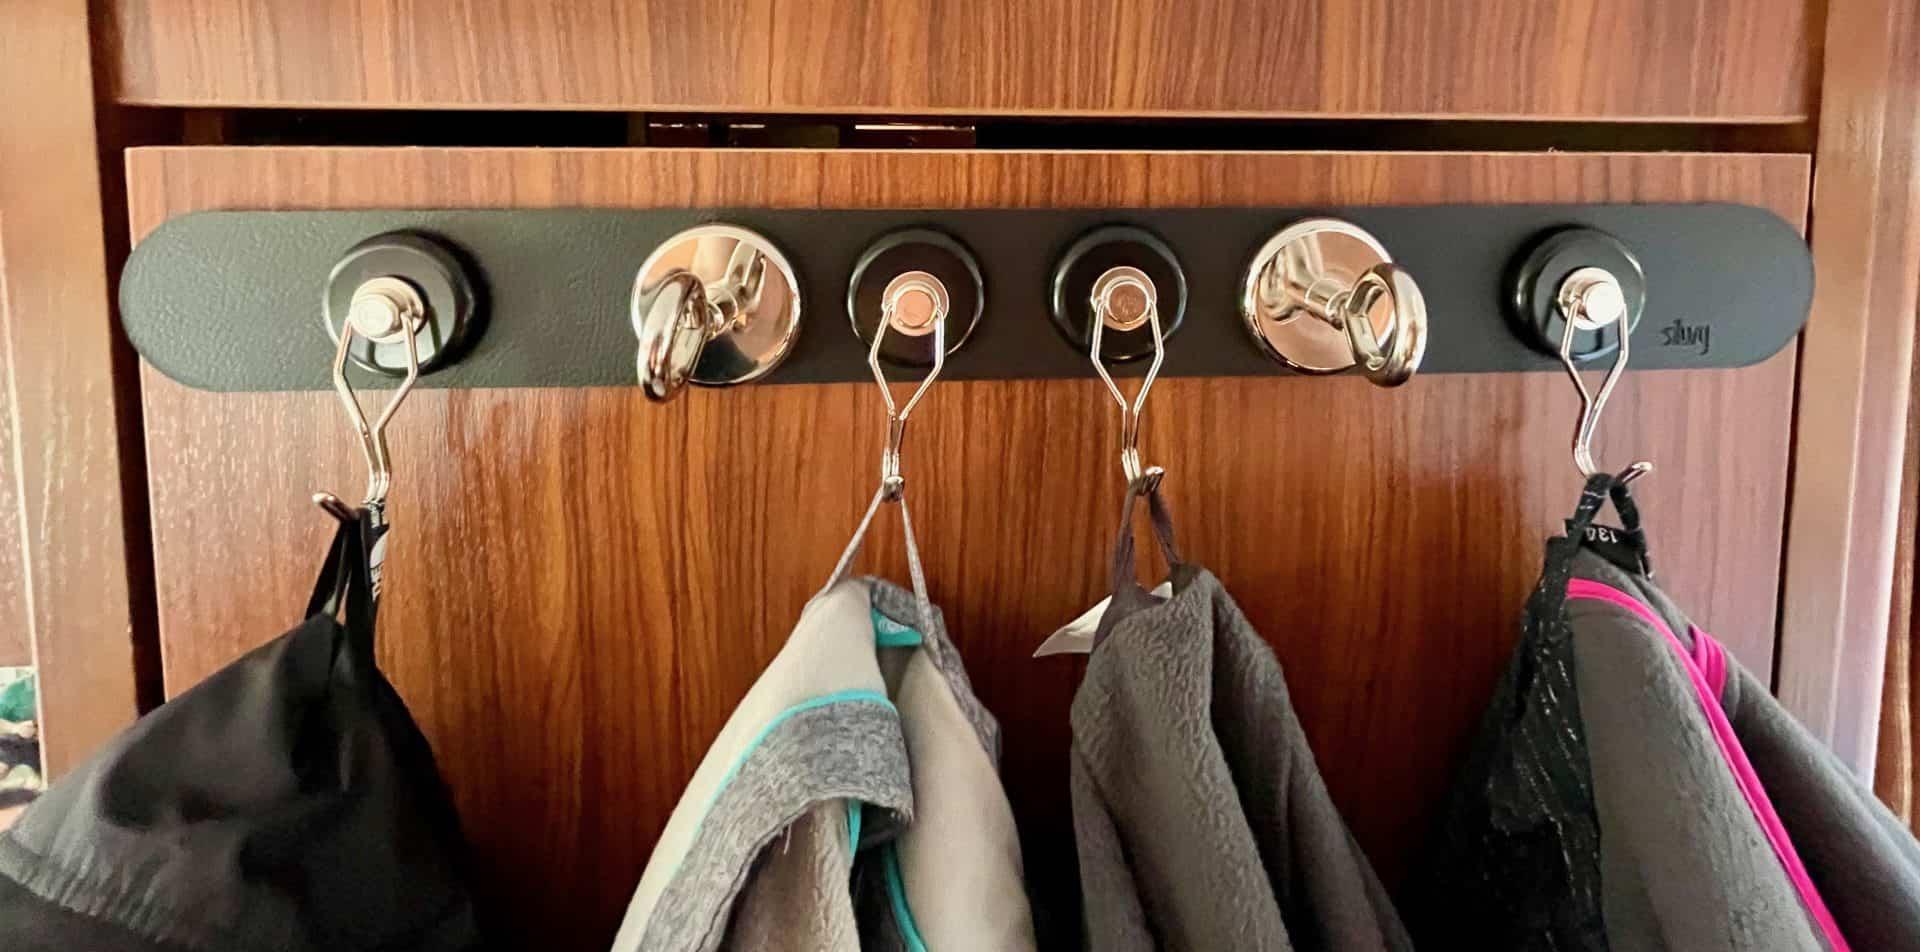 Silwy-Garderobe-Kleindung-mit-Neodym-Magnet-The-One-aufhängen